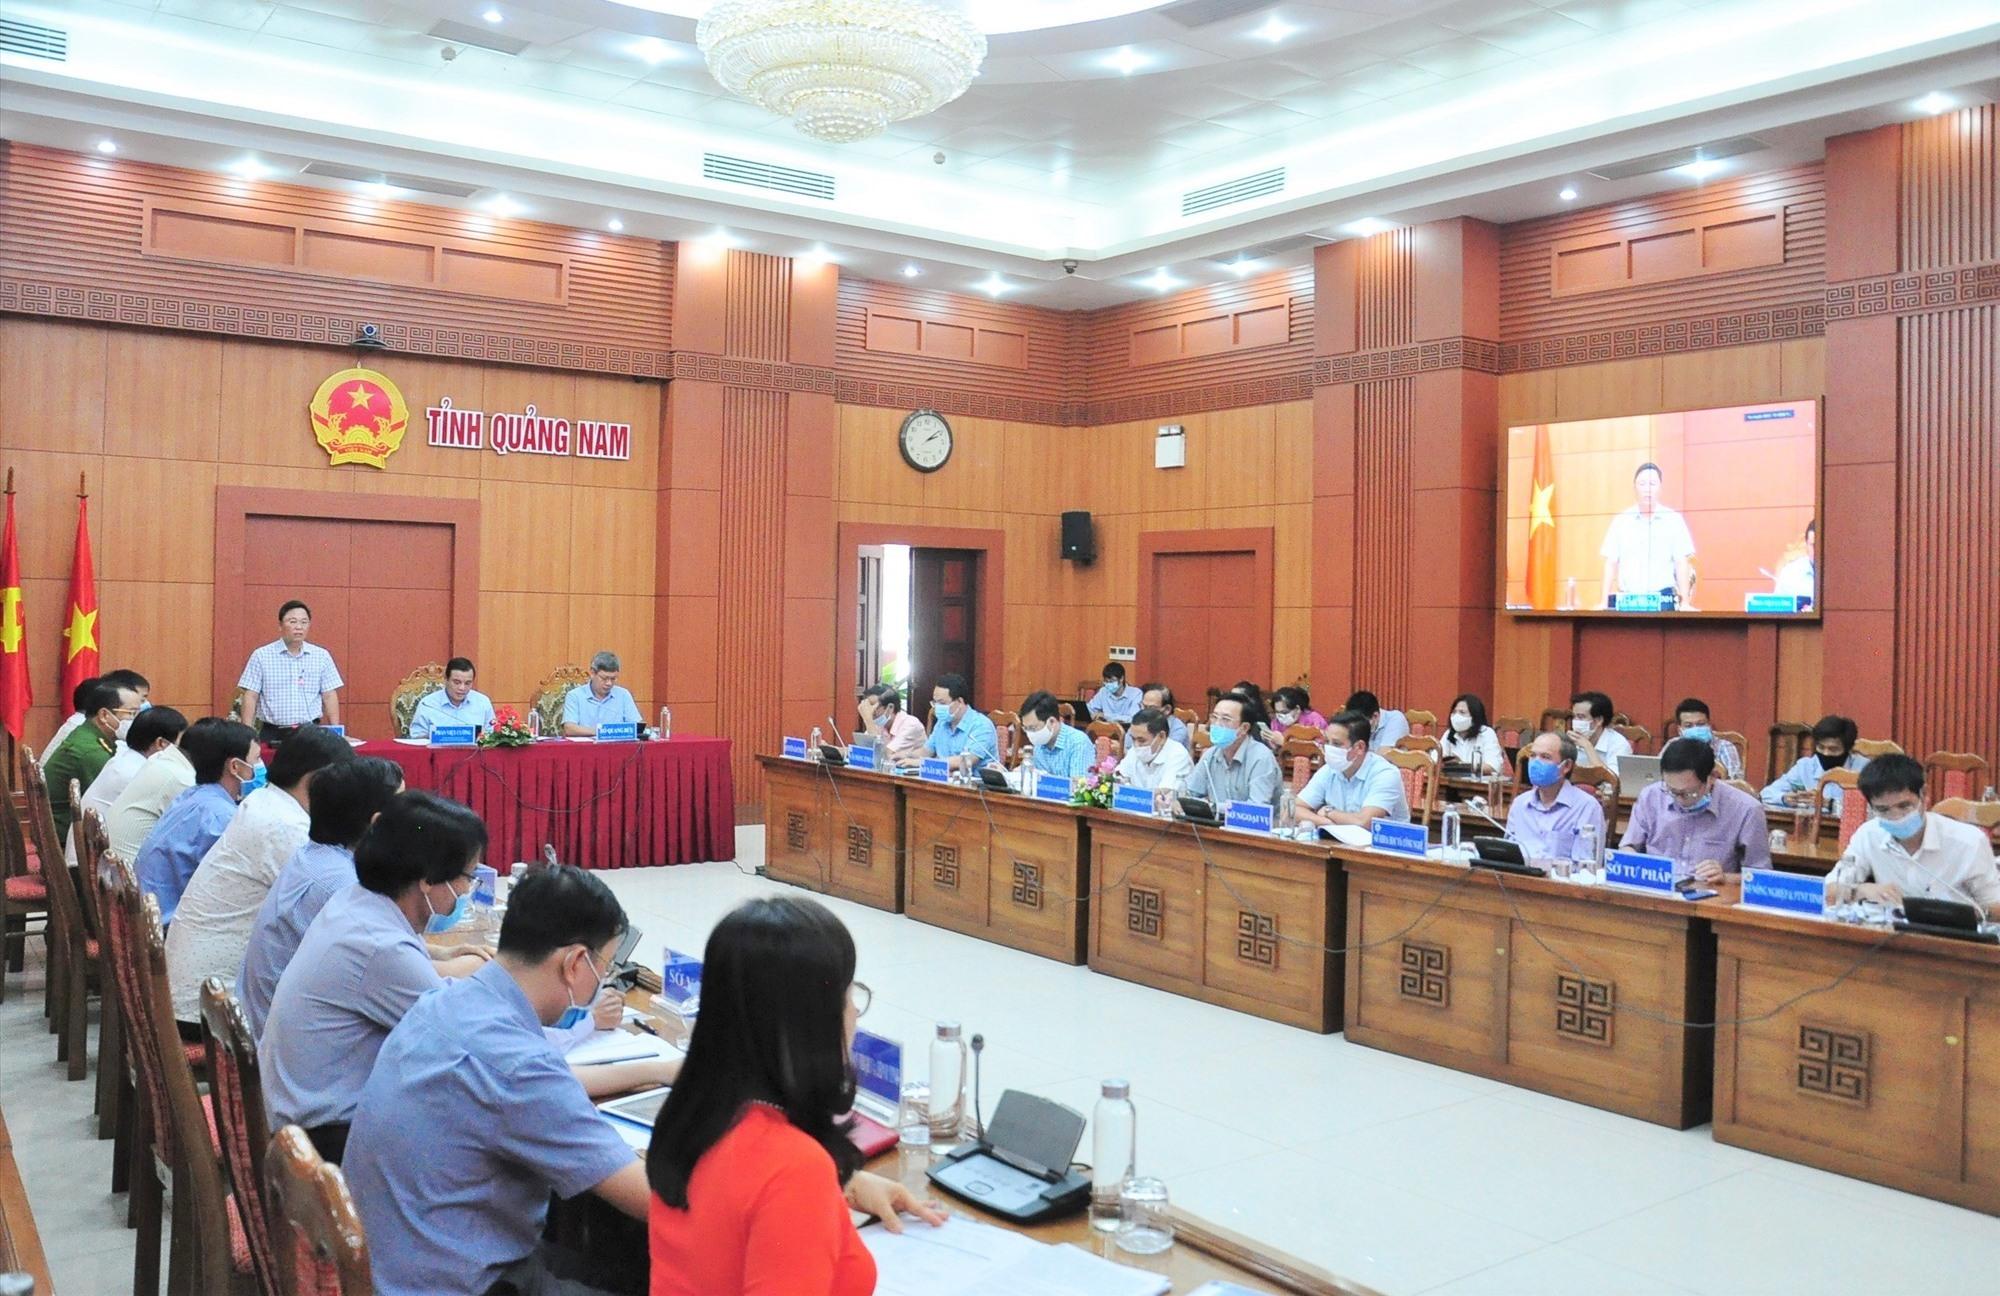 Đại biểu tham dự hội thảo tại điểm cầu Quảng Nam. Ảnh: VINH ANH